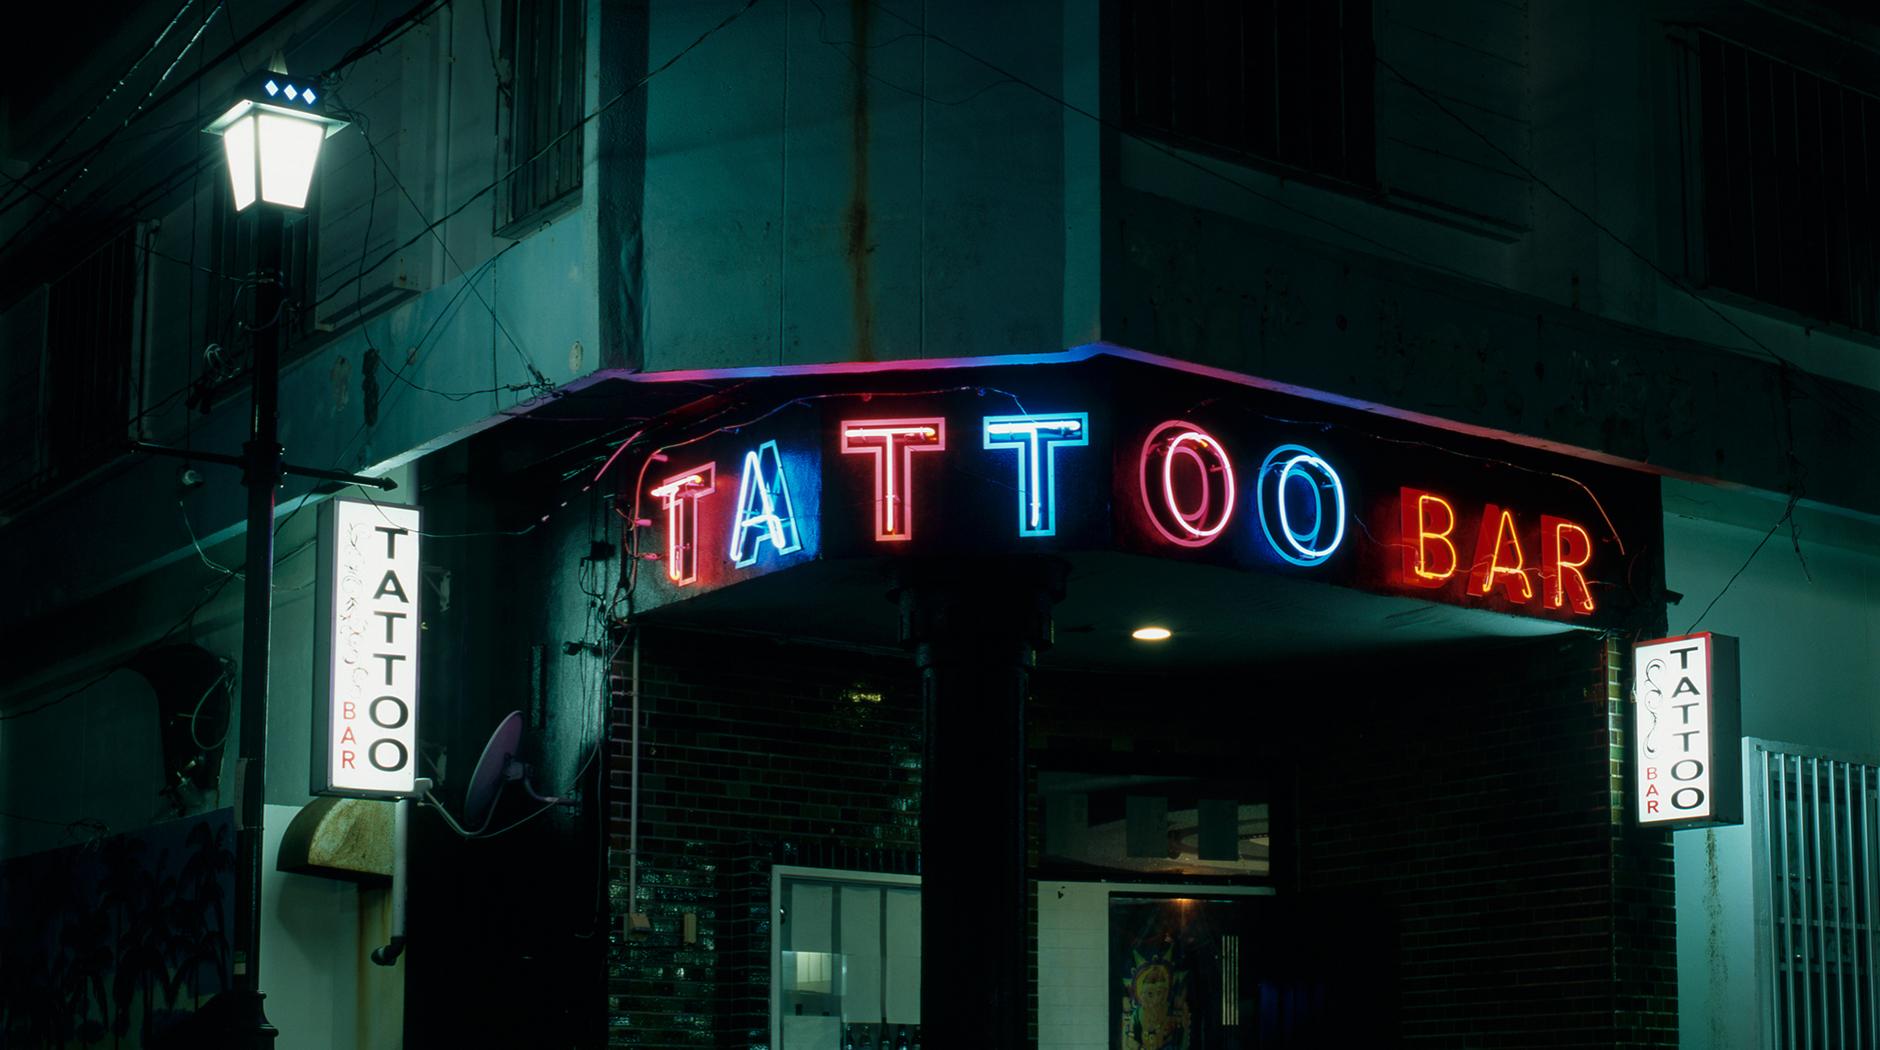 tattoo_bar